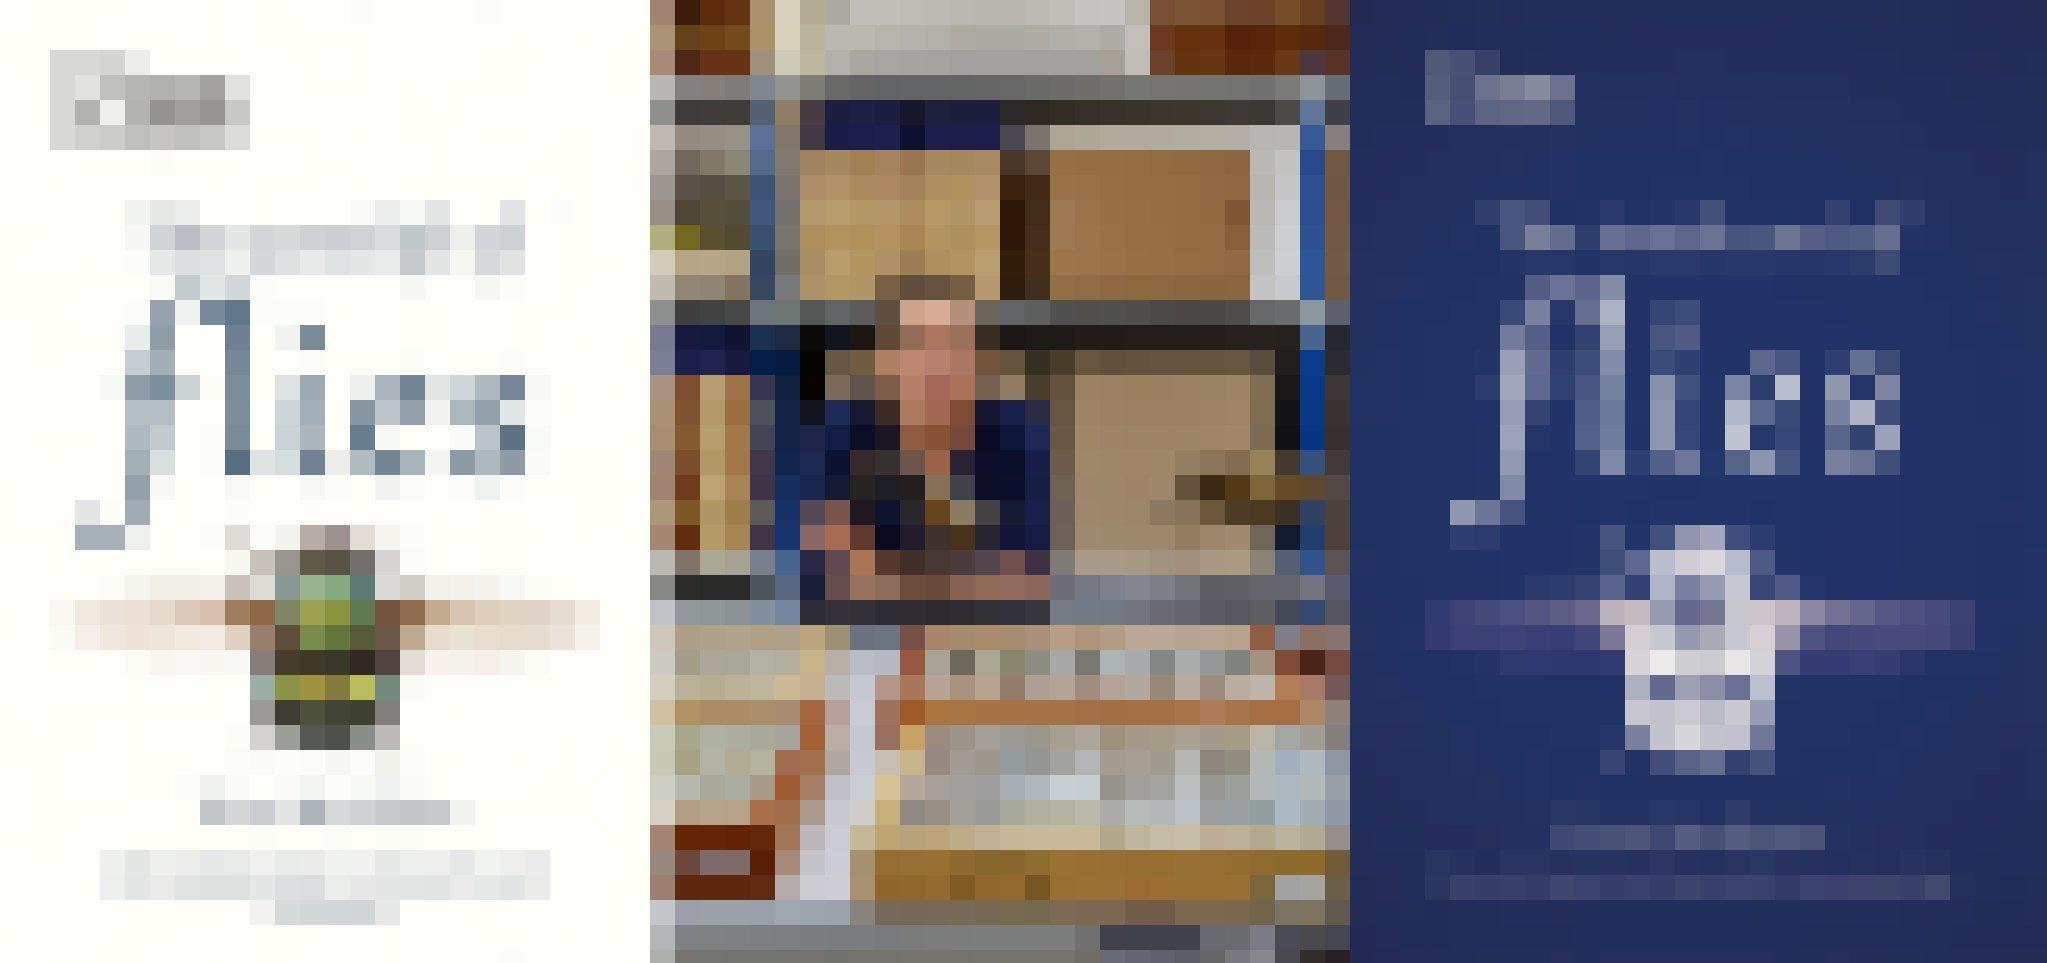 Links und rechts die Cover der beiden Bücher von Erica McAlister. Auf dem Titel ist jeweils eine kleine Fliege abgebildert. In der Mitte ist die Autorin zu sehen in der Sammlung des Natural History Museums. Auf dem Tisch vor ihr stehen Schaukästen voller kleinerer und größerer Fliegen. Im Hintergrund ein Regal. Zu ihrer Linken und vor der Biologin stehen zwei große Modelle von Fliegen.